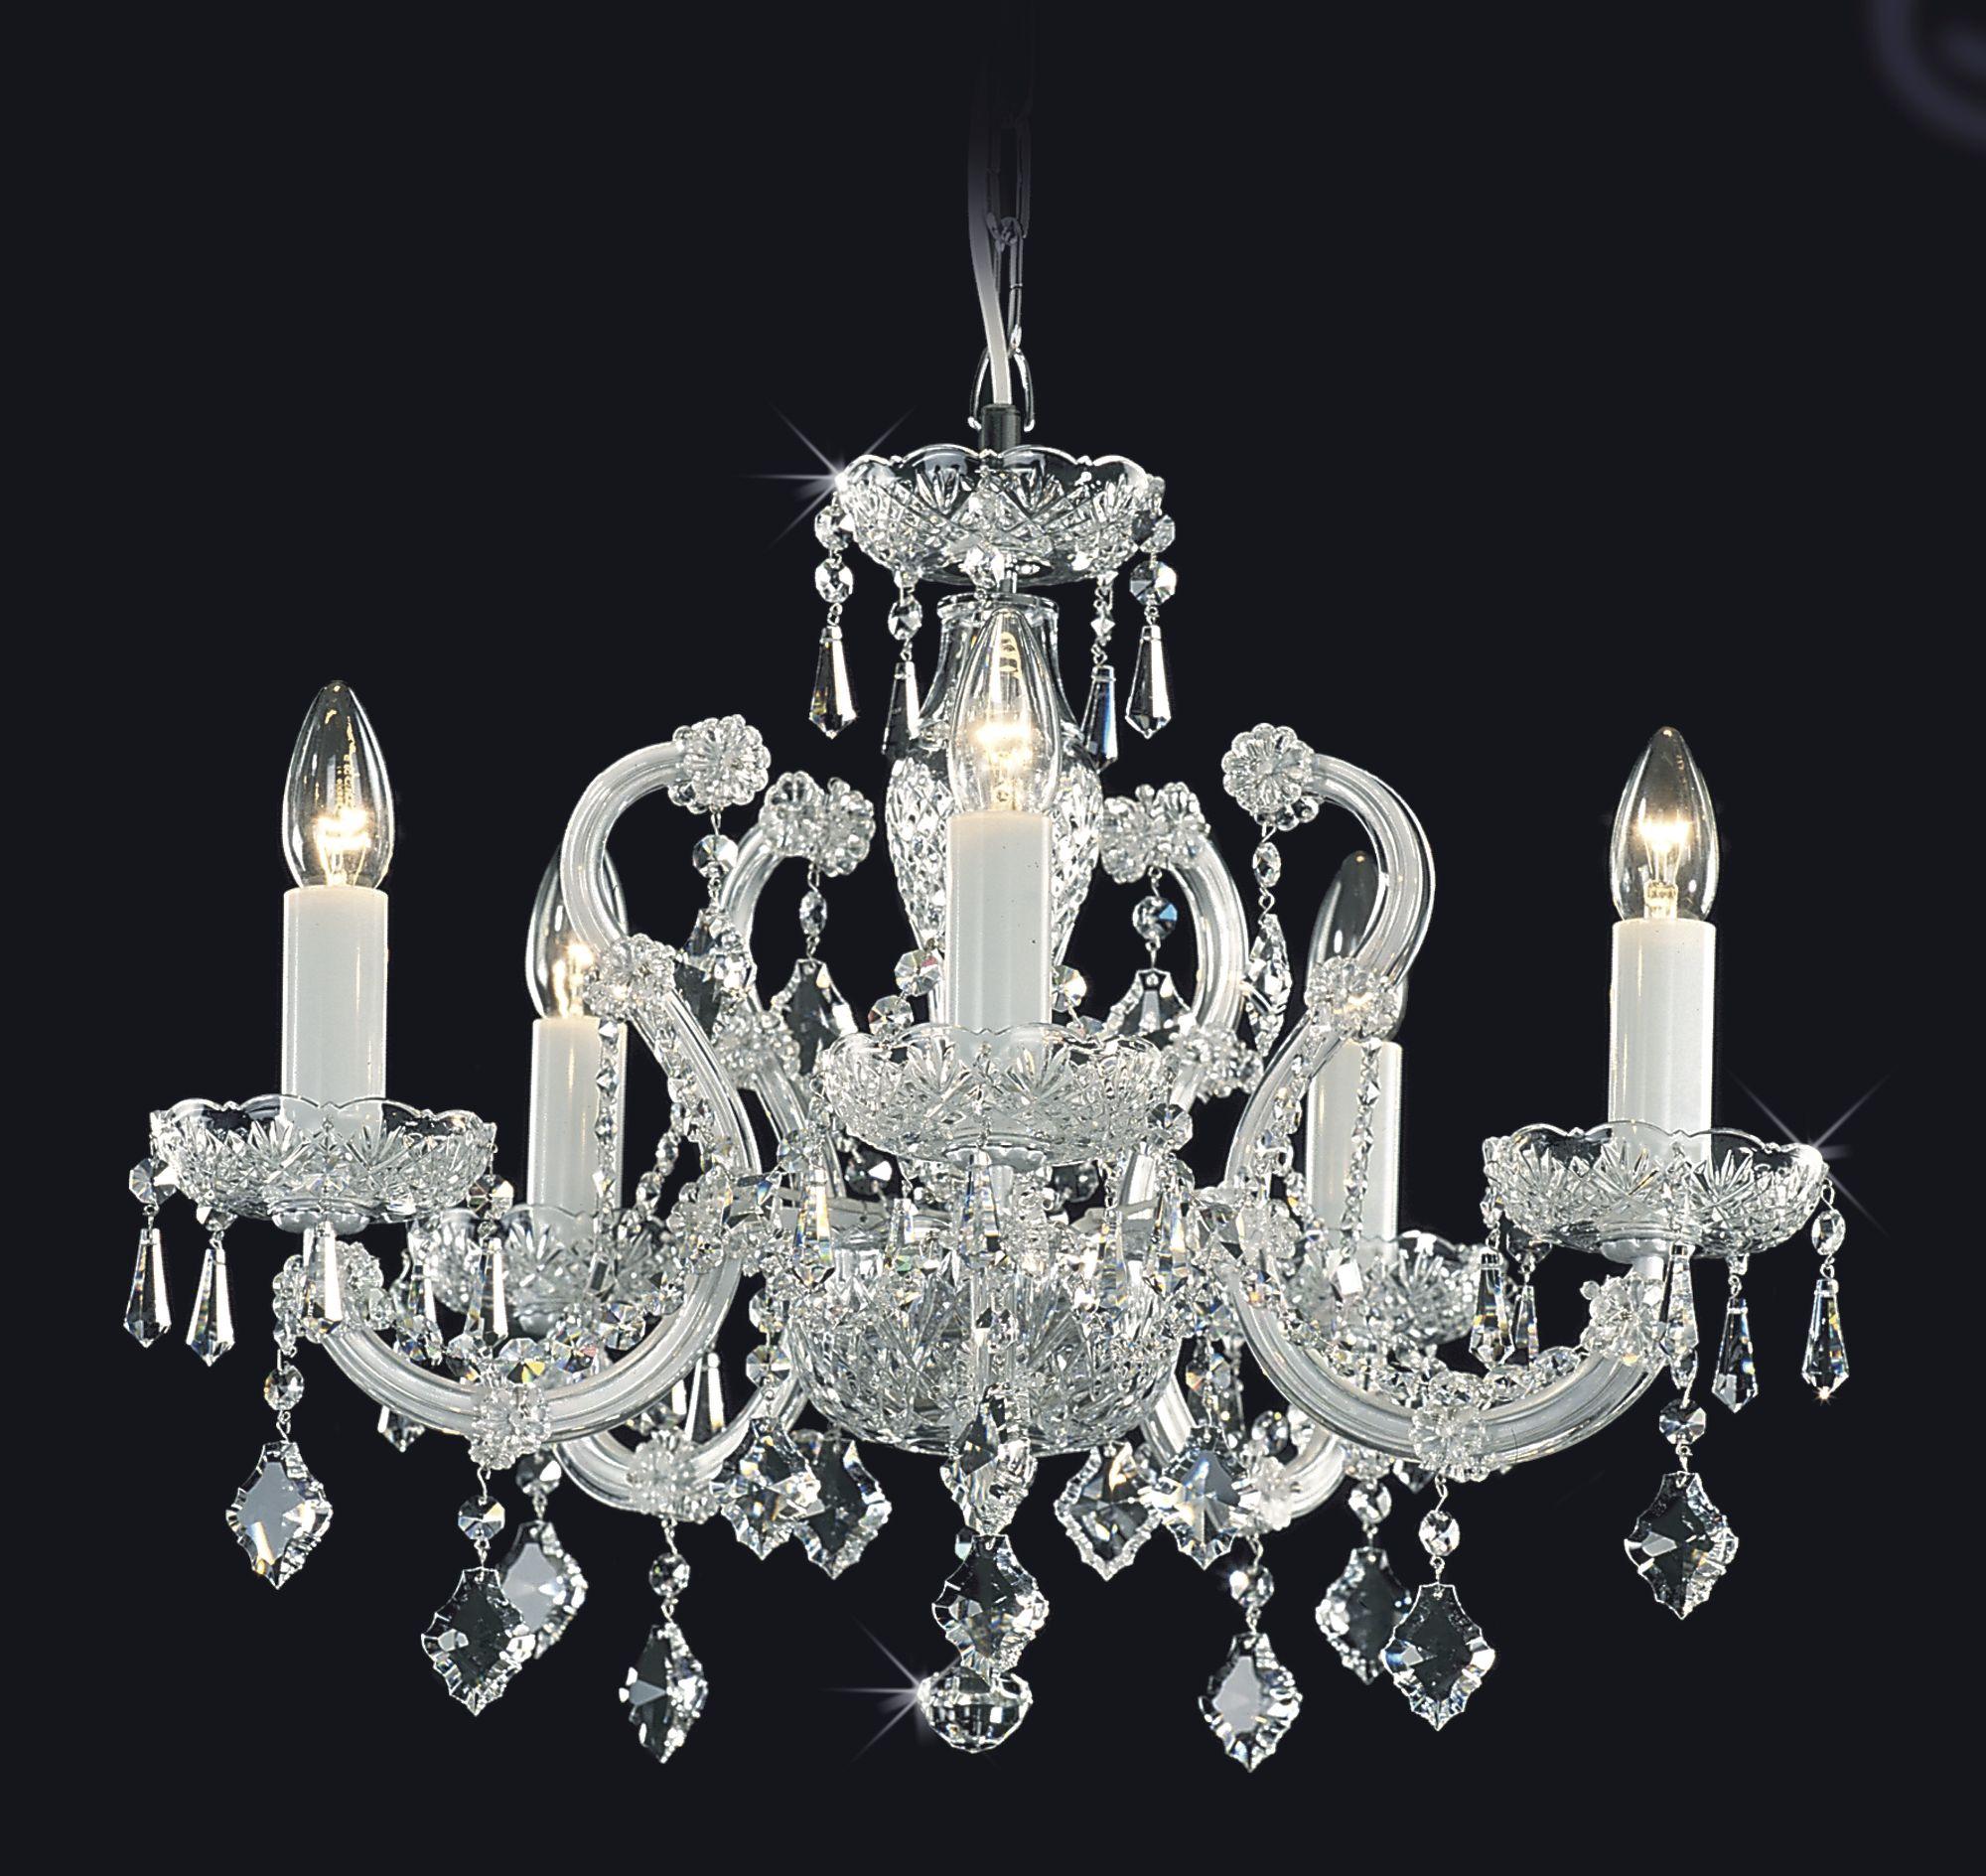 Kronleuchter Kristall kristall kronleuchter 5 armig aus bohemian cut